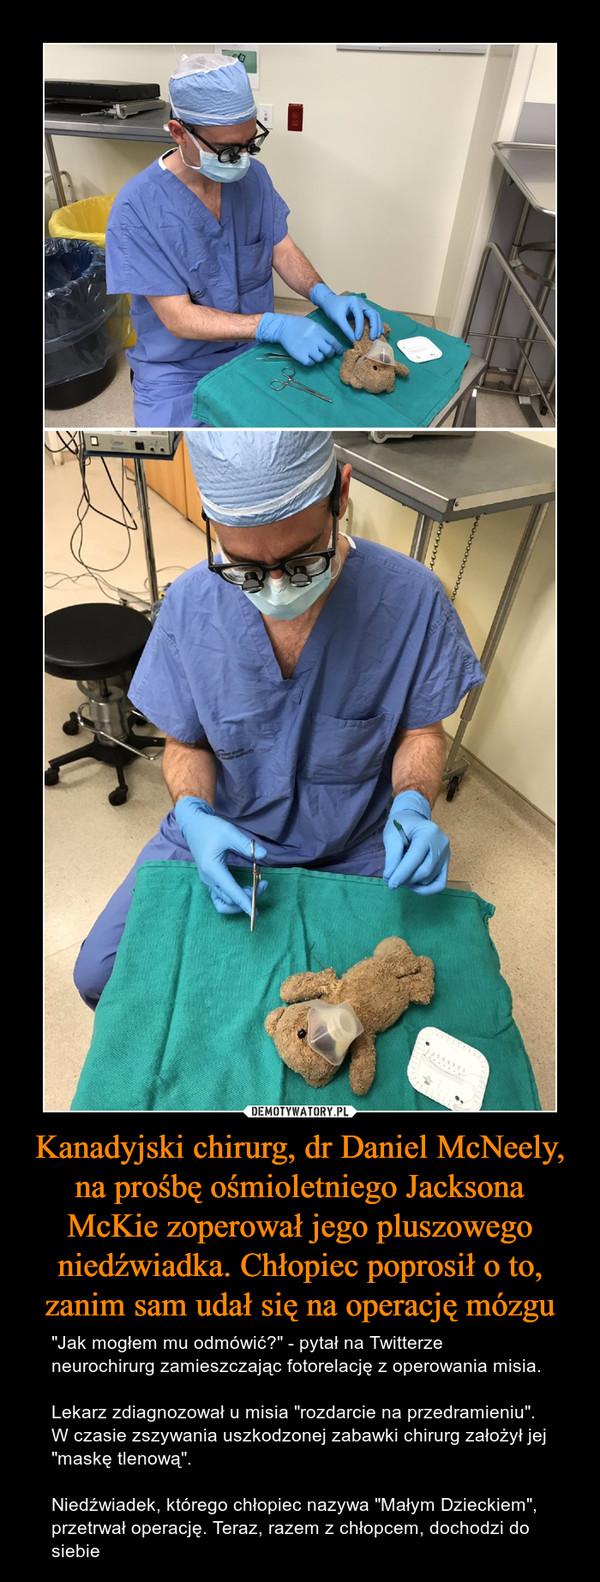 """Kanadyjski chirurg, dr Daniel McNeely, na prośbę ośmioletniego Jacksona McKie zoperował jego pluszowego niedźwiadka. Chłopiec poprosił o to, zanim sam udał się na operację mózgu – """"Jak mogłem mu odmówić?"""" - pytał na Twitterze neurochirurg zamieszczając fotorelację z operowania misia.Lekarz zdiagnozował u misia """"rozdarcie na przedramieniu"""". W czasie zszywania uszkodzonej zabawki chirurg założył jej """"maskę tlenową"""".Niedźwiadek, którego chłopiec nazywa """"Małym Dzieckiem"""", przetrwał operację. Teraz, razem z chłopcem, dochodzi do siebie"""